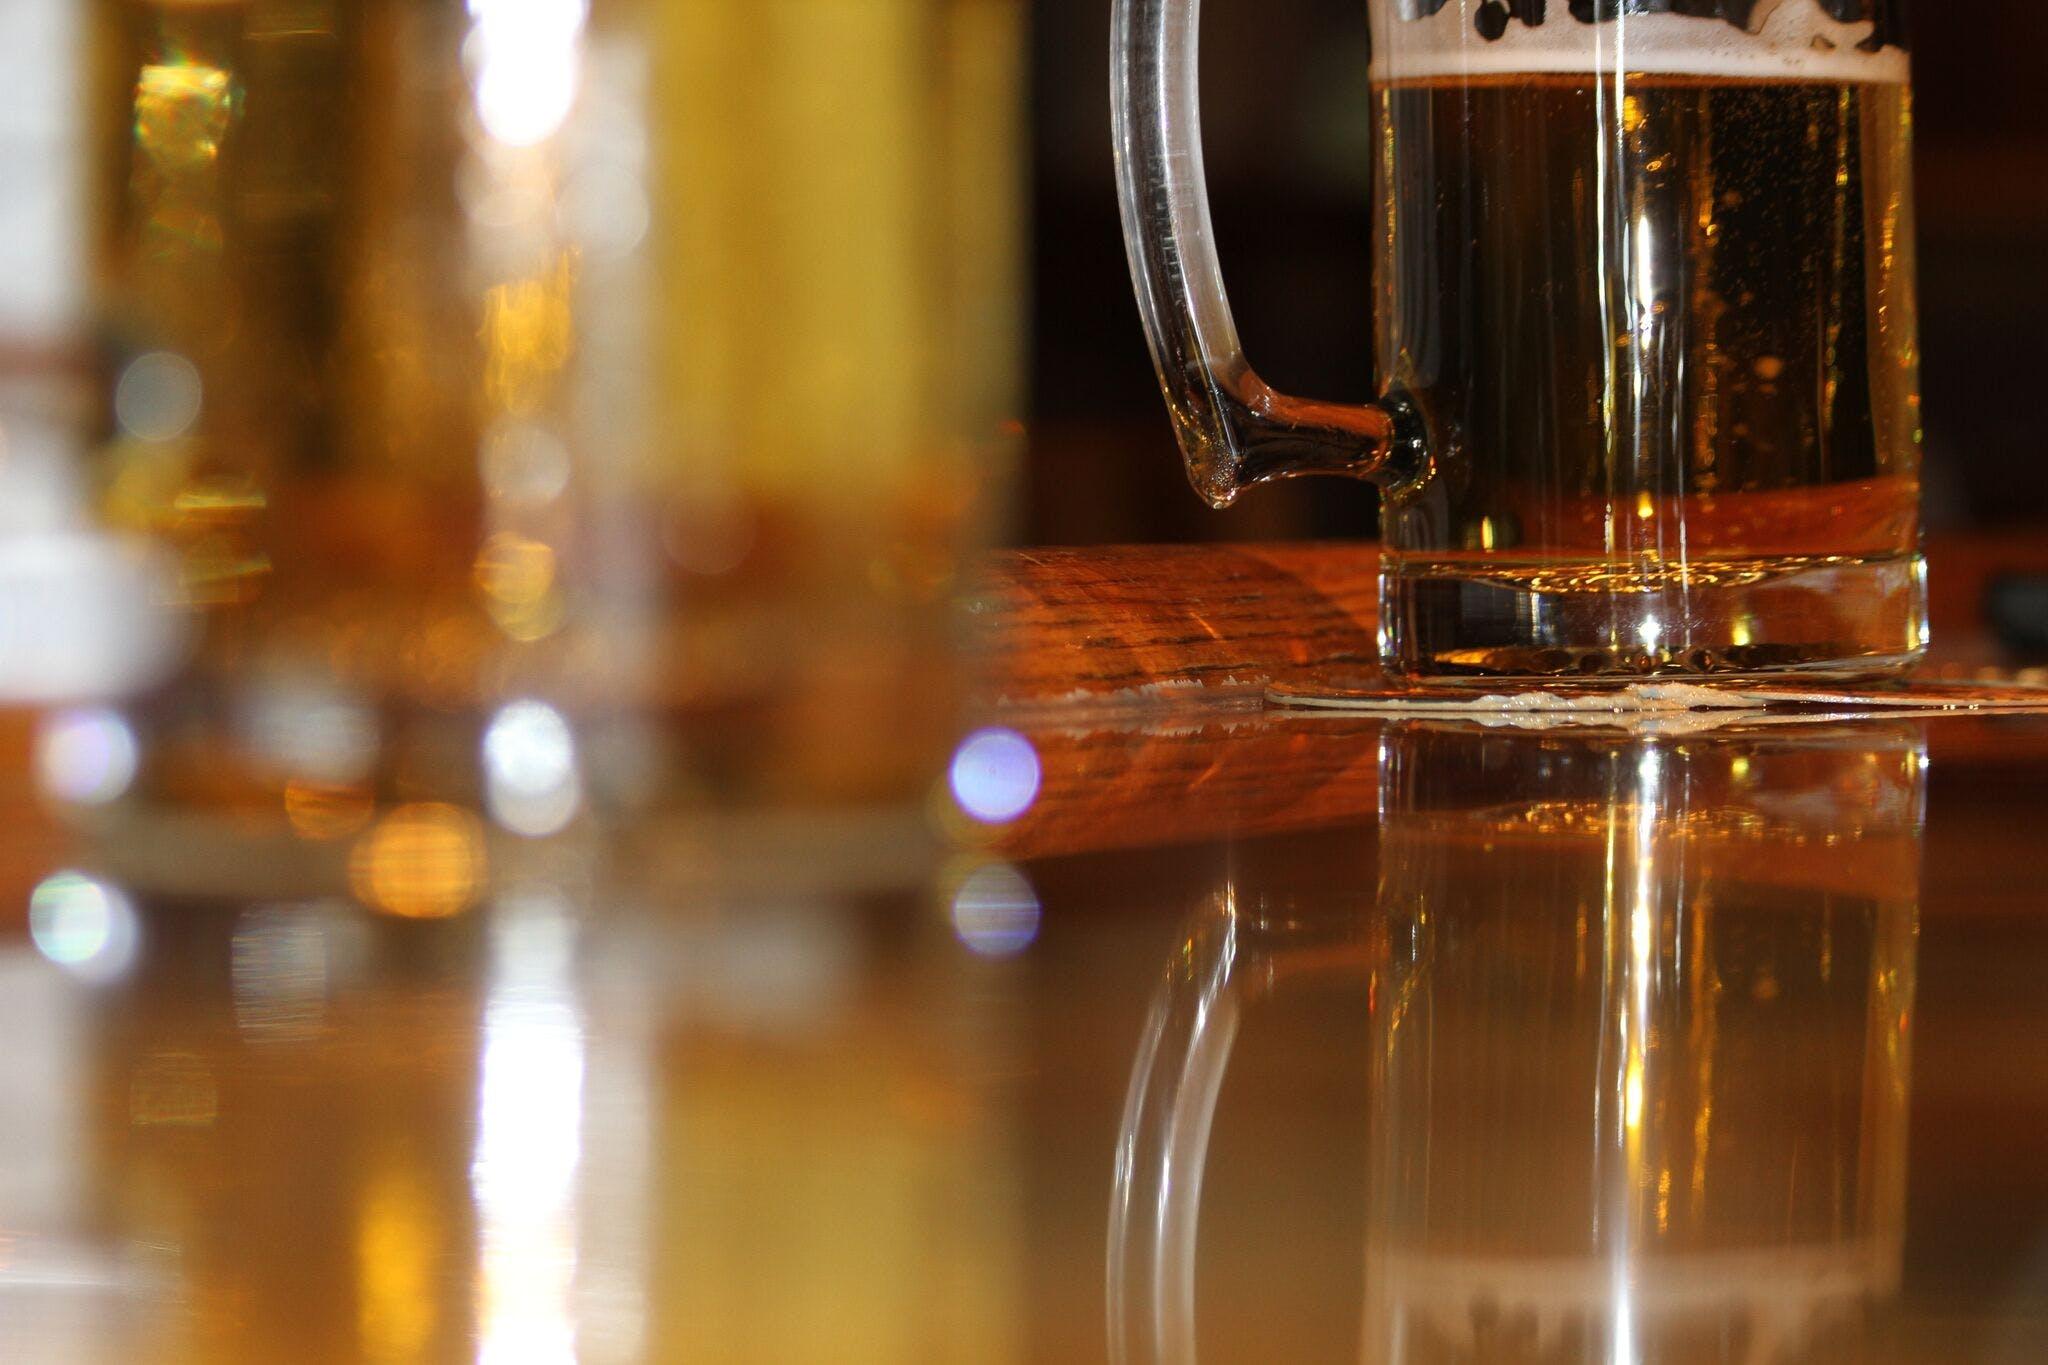 Δωρεάν στοκ φωτογραφιών με ale, αλκοόλ, αναψυκτικό, αντανάκλαση